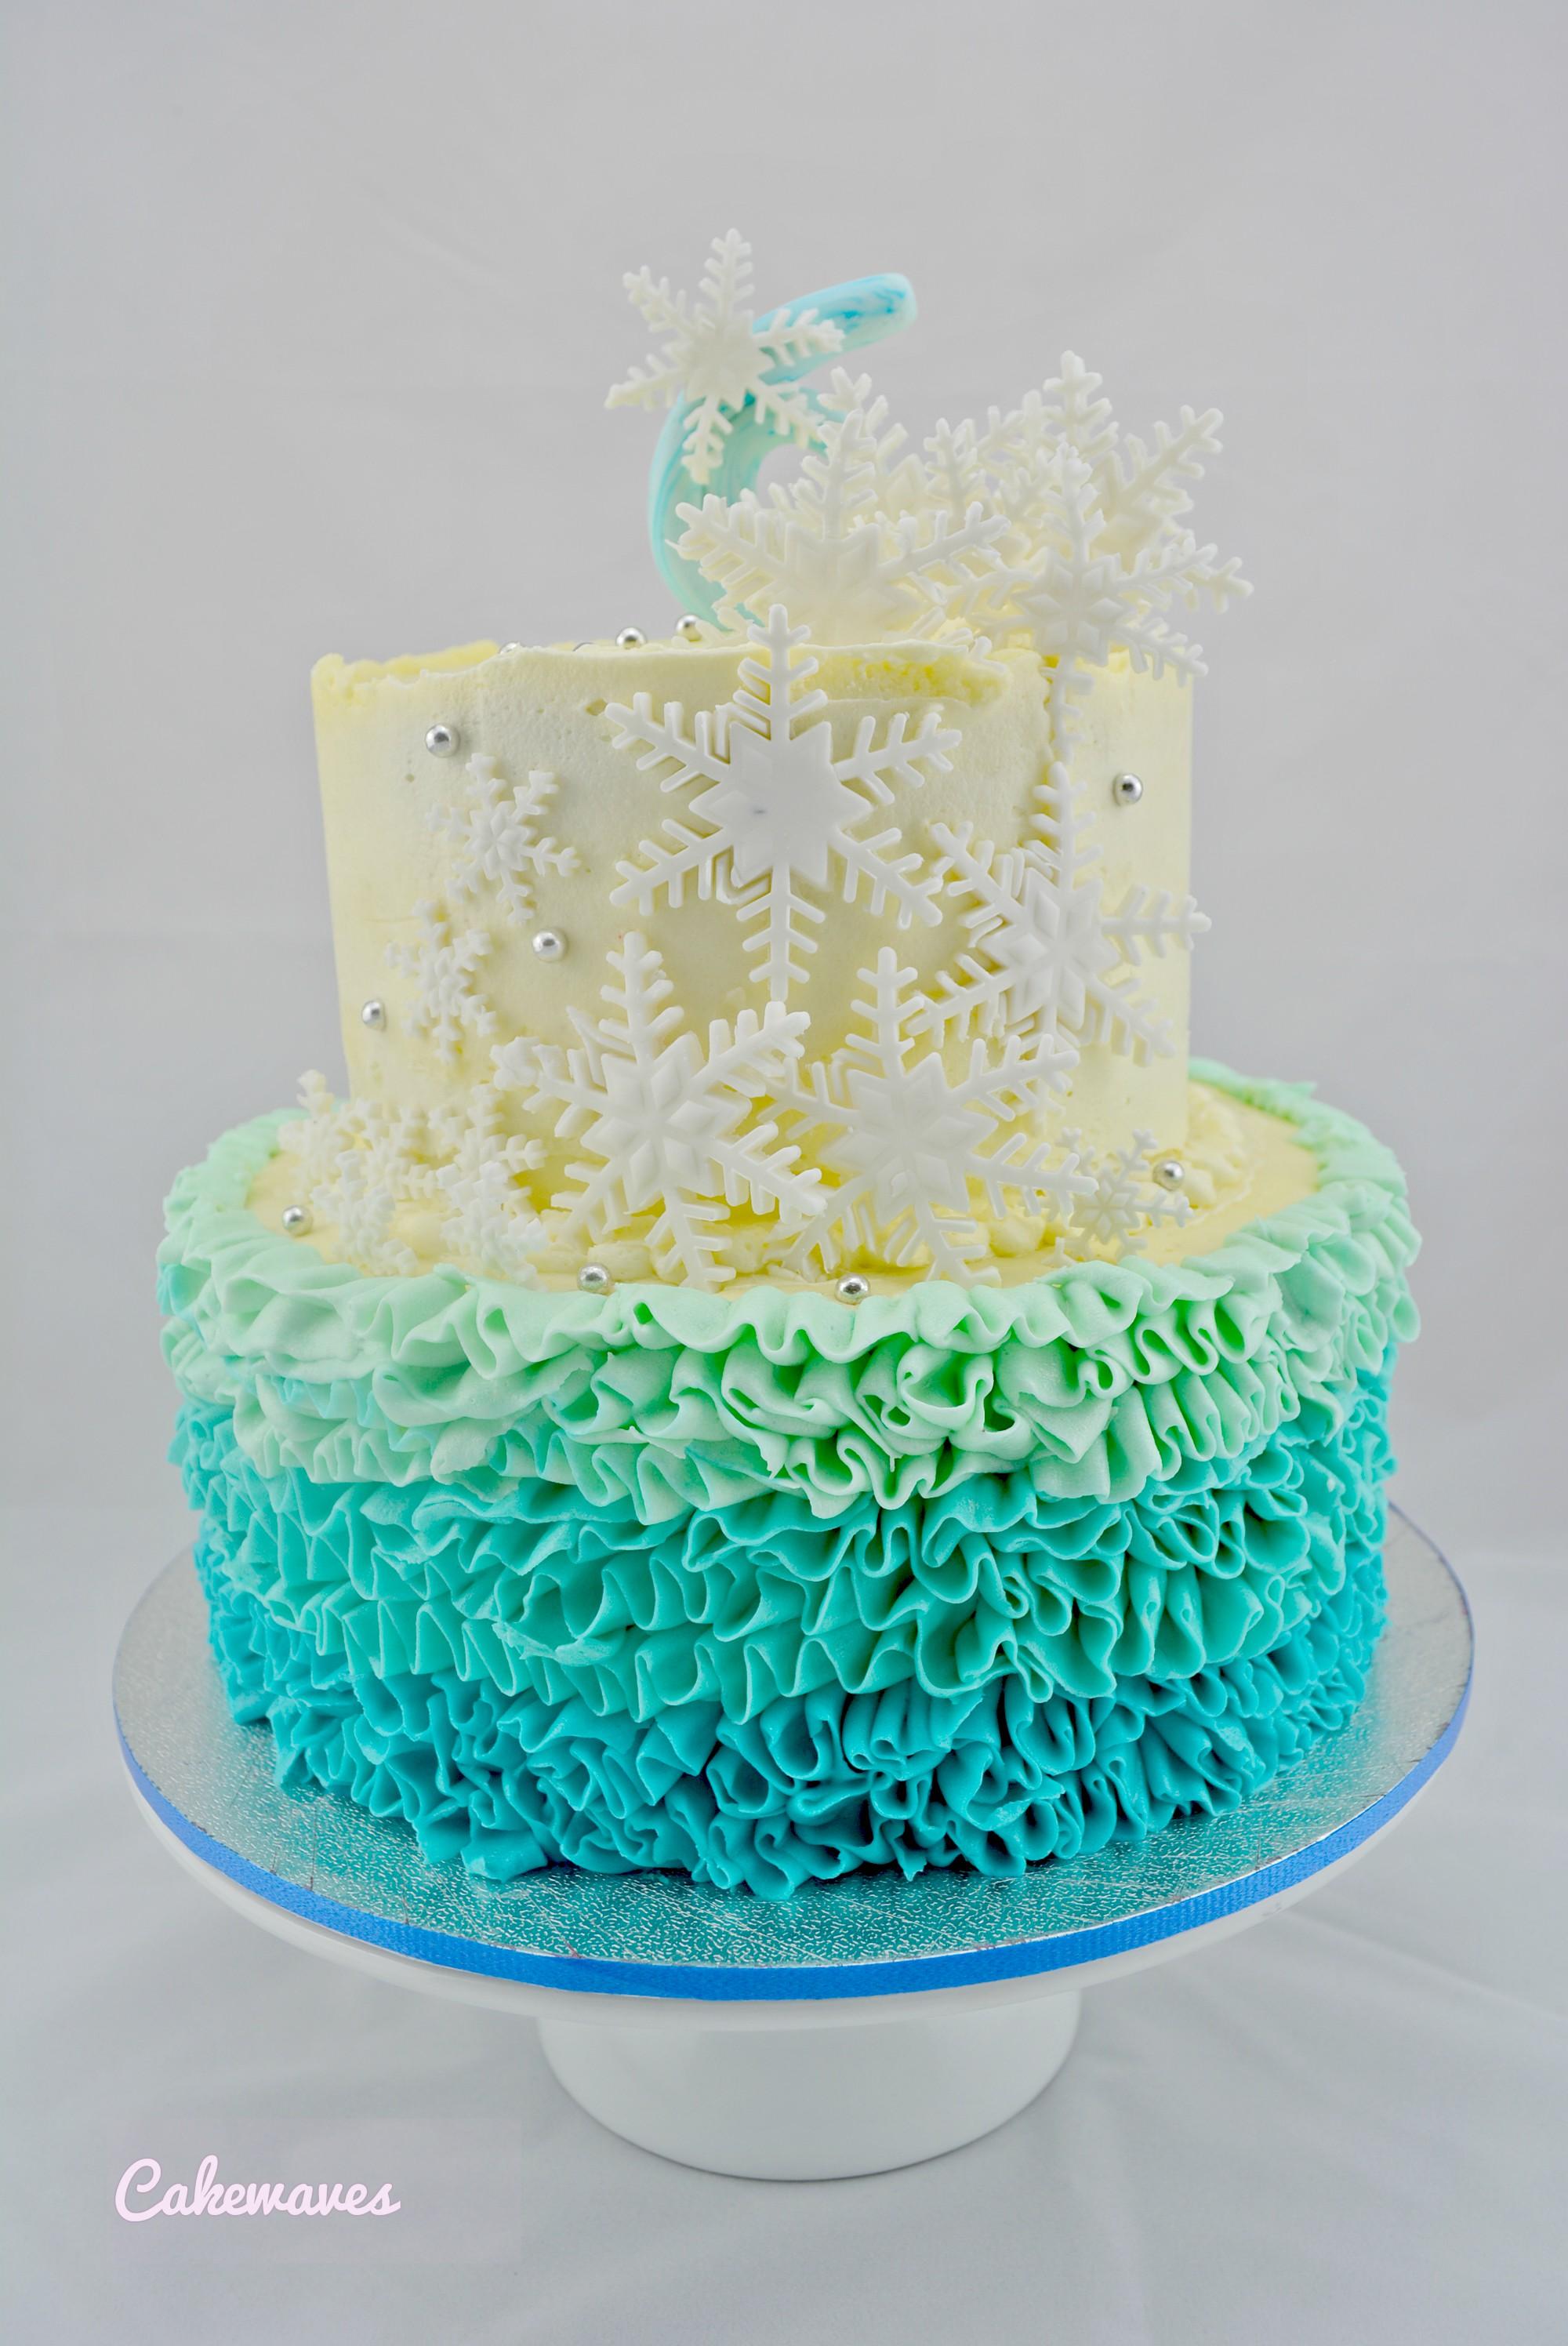 DisneyFrozenCake_cakewaves